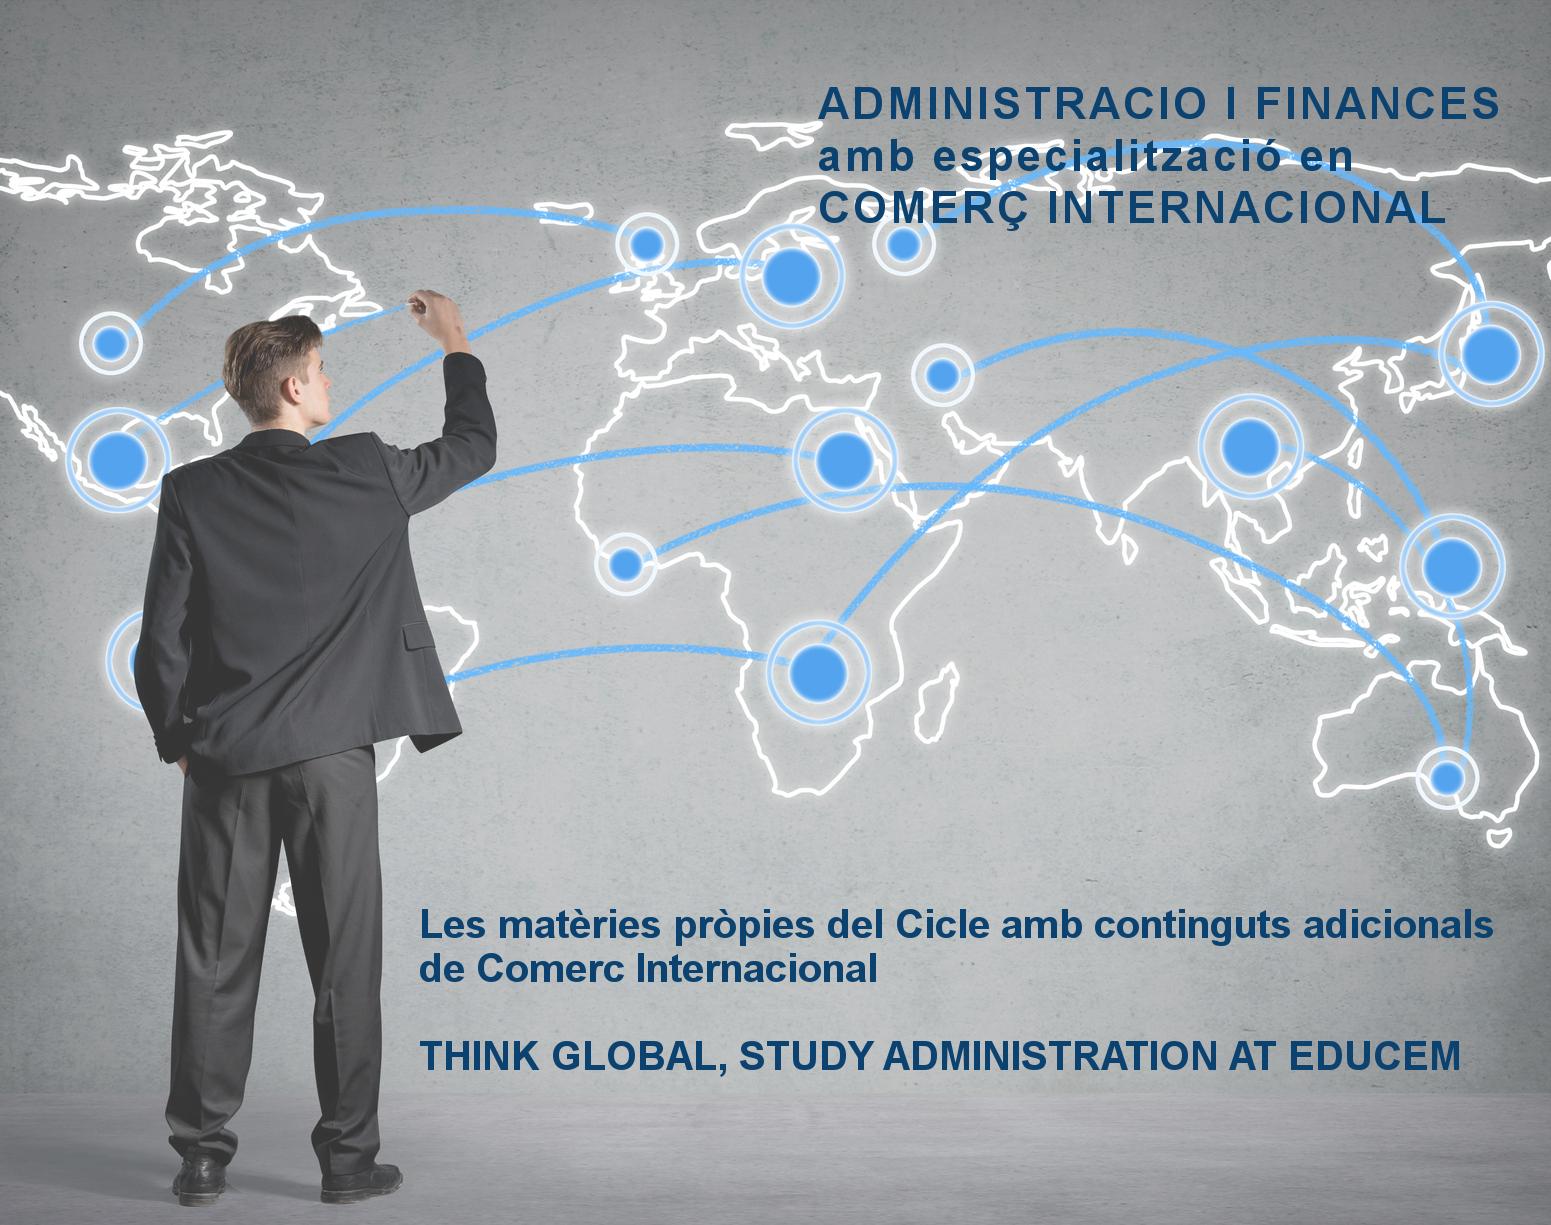 EDUCEM ofereix el cicle formatiu de grau superior d'ADMINISTRACIÓ I FINANCES amb l'especialització en COMERÇ INTERNACIONAL, que dóna la possibilitat de formar-se en les diferents àrees de l'empresa: amb aquest nou enfocament es potencia la formació específica en una àrea importantíssima per l'economia actual i per les empreses del nostre entorn.